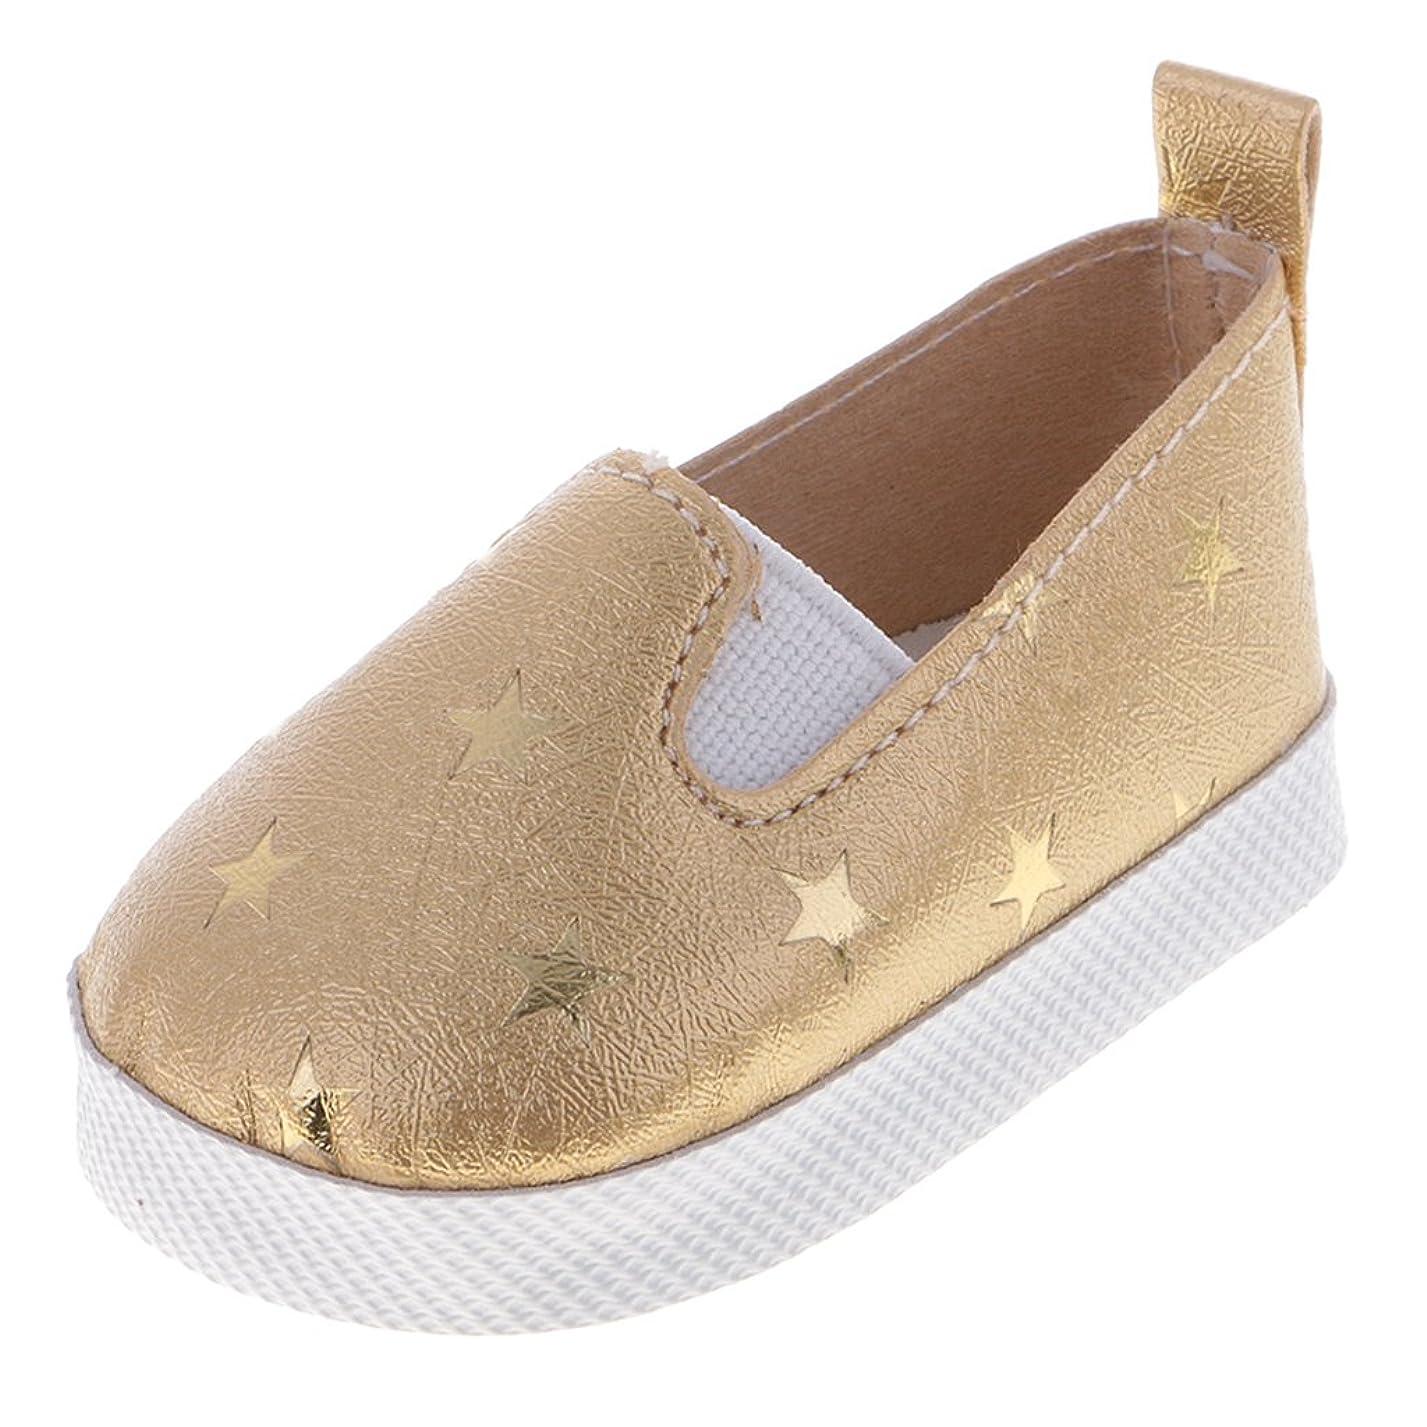 苗結核静けさToygogo 人形 靴 シューズ 星プリント 18インチアメリカンガールドール適用 PUレザー 全3色選ぶ - ゴールド